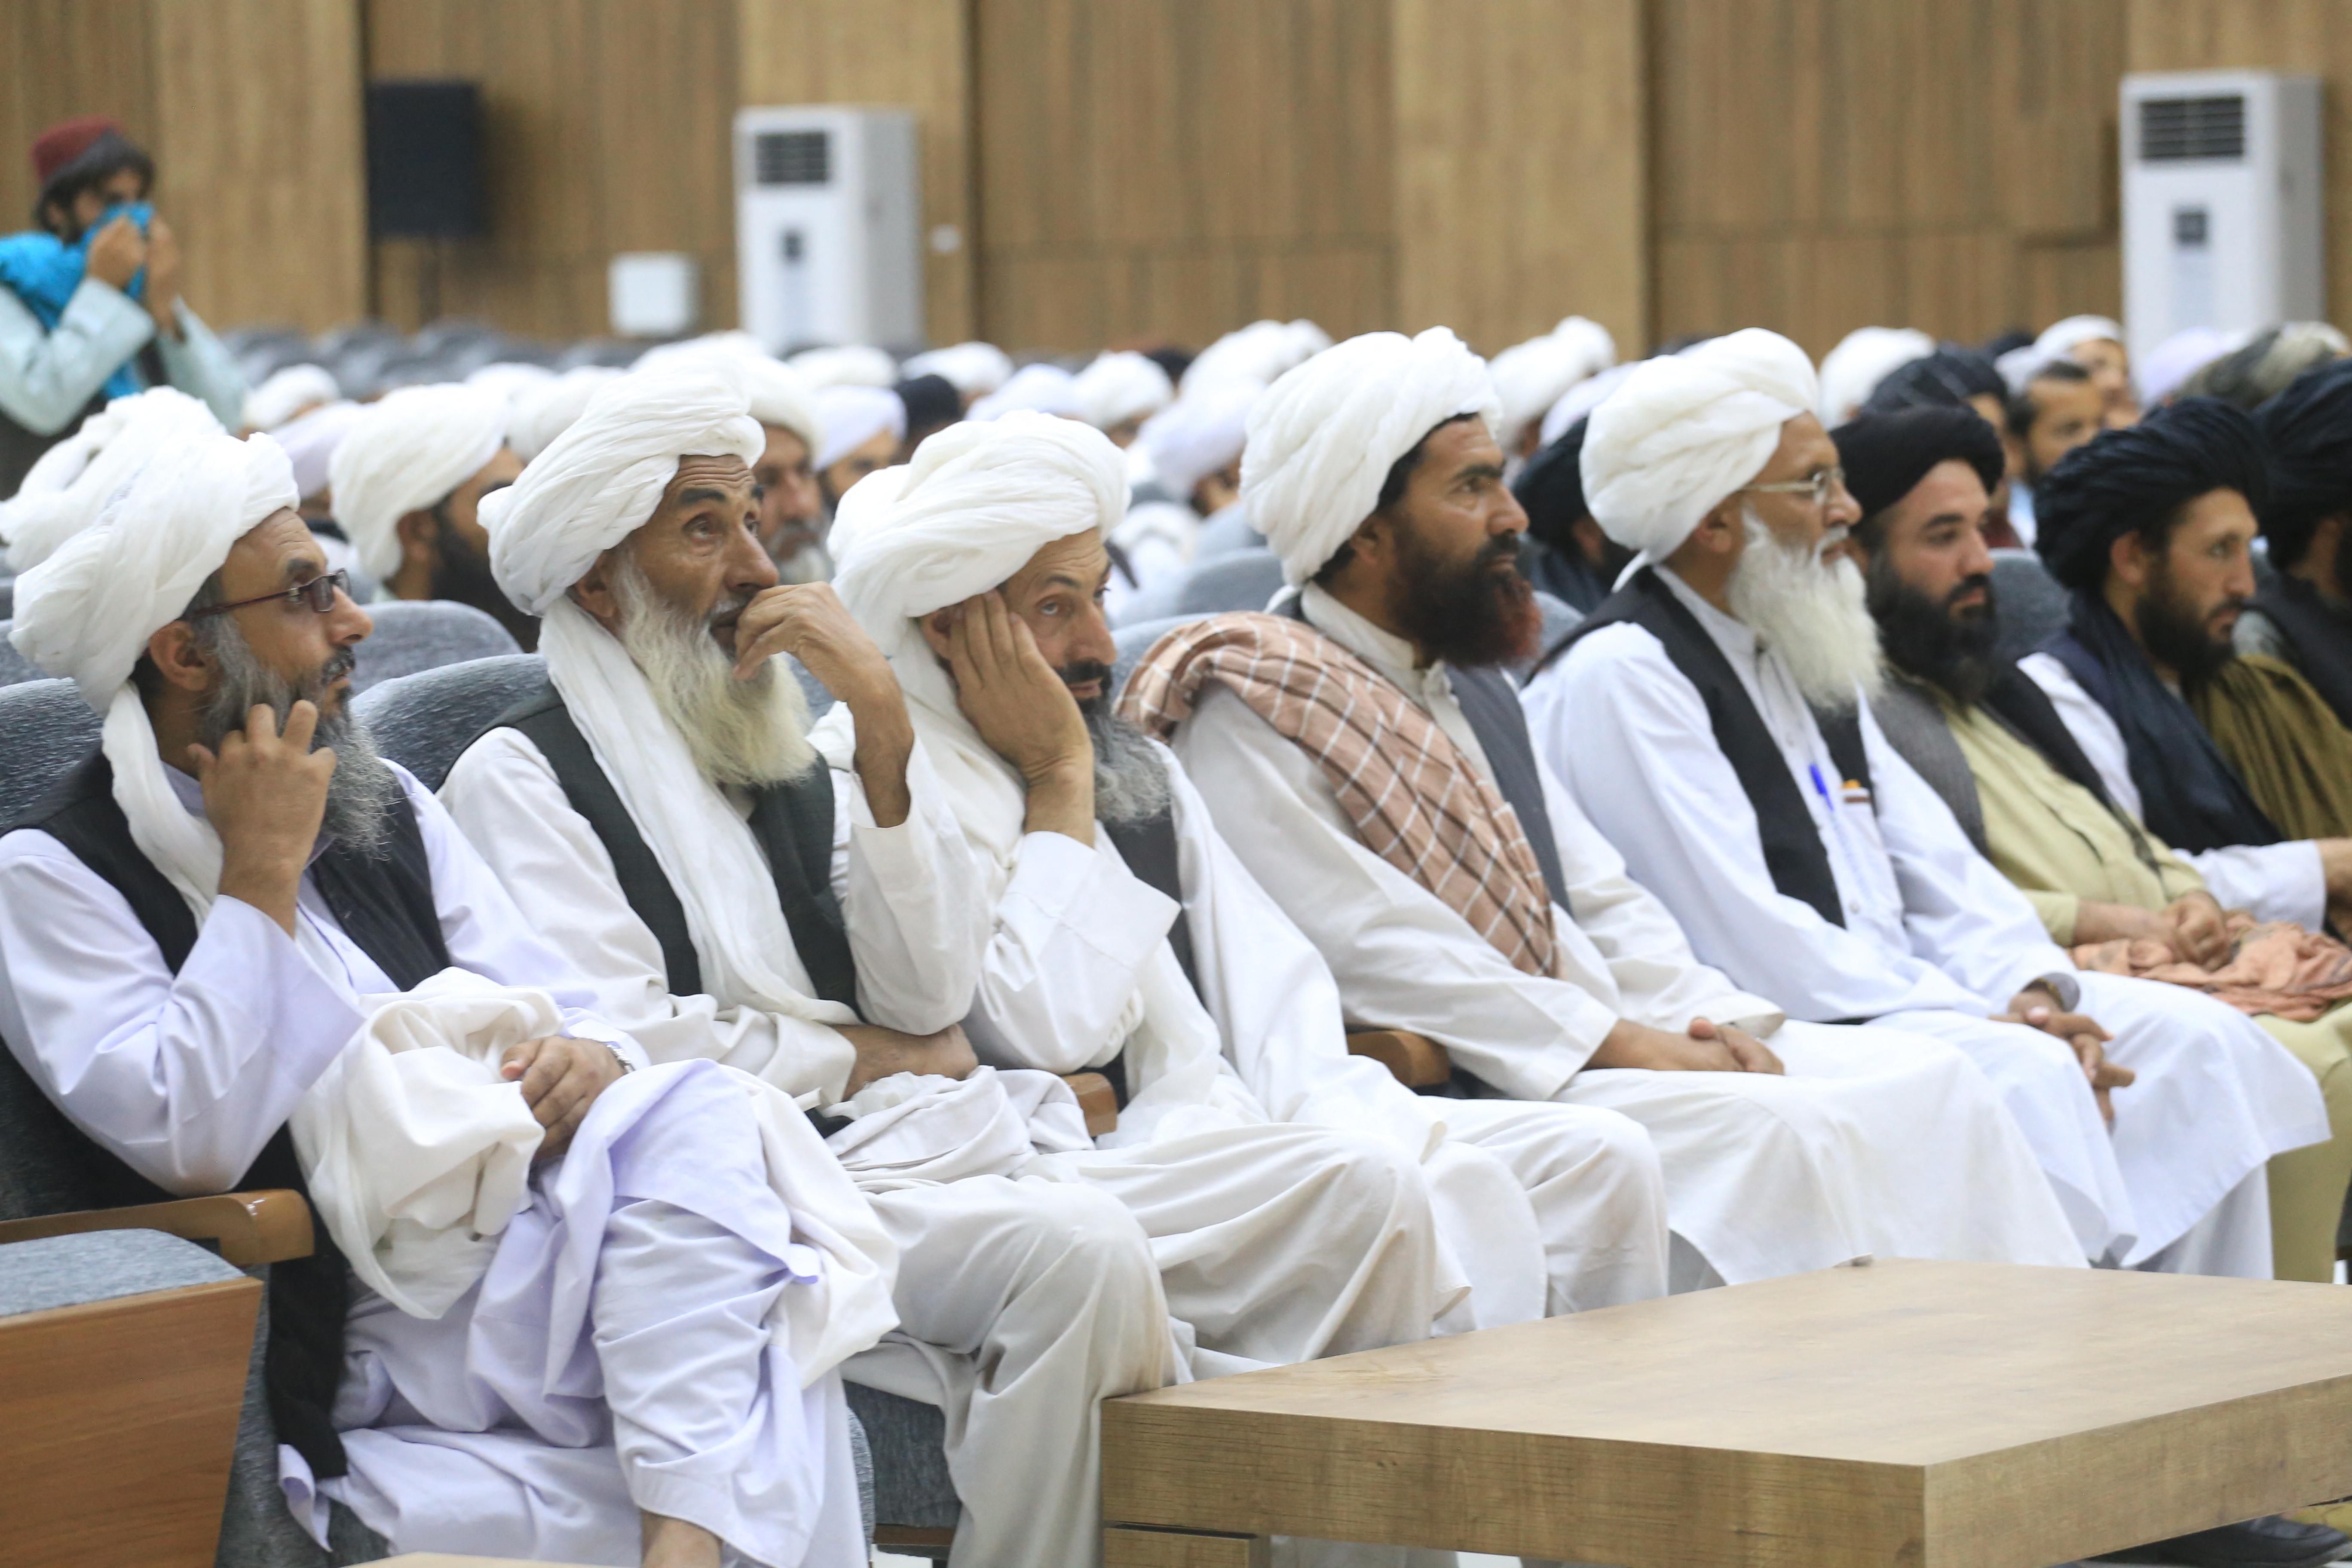 Újra kezeket fognak levágni Afganisztánban, de nem biztos, hogy a nyilvánosság előtt